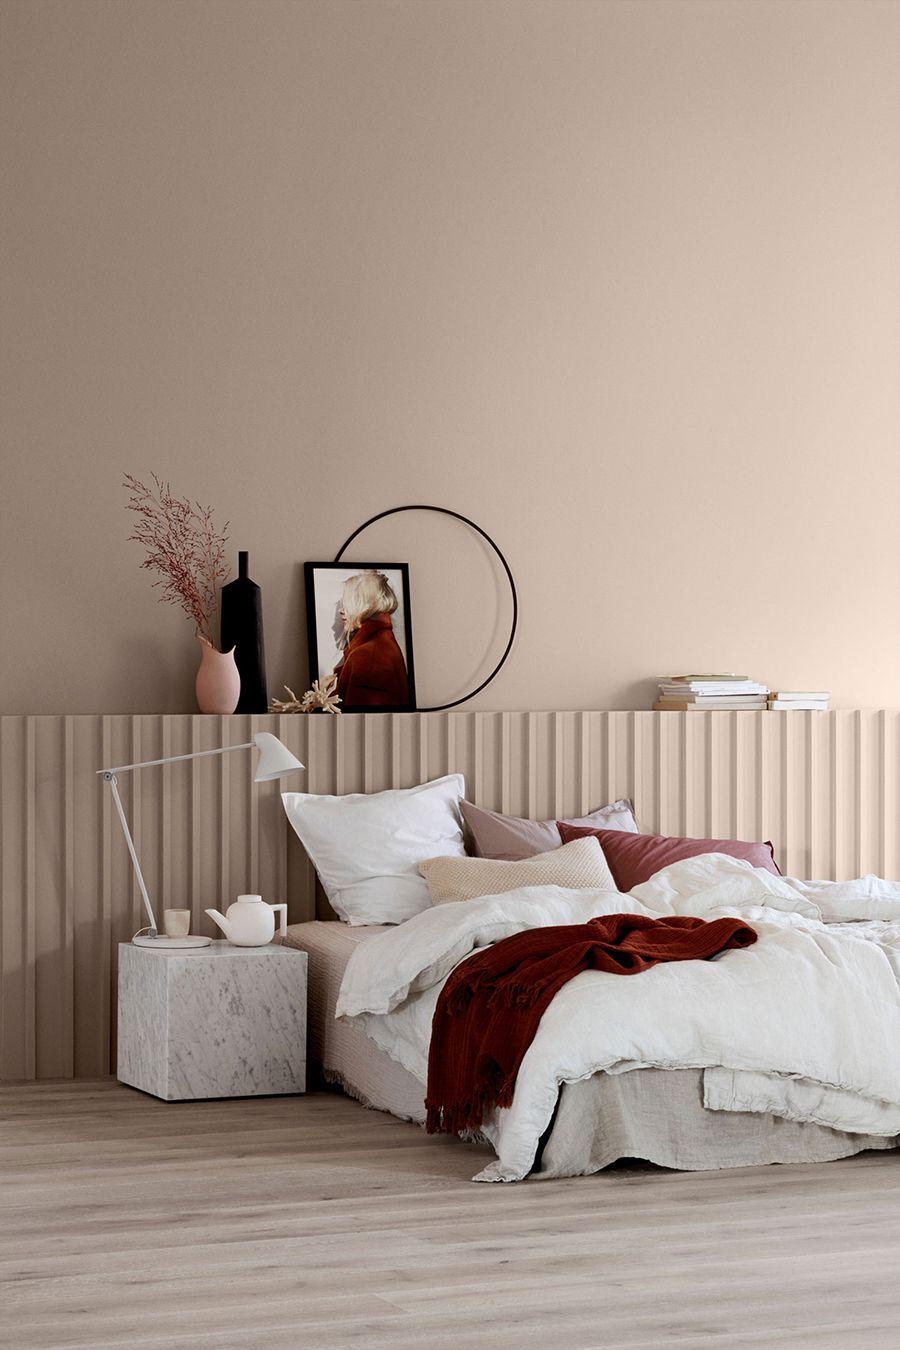 chambre épurée mur beige taupe plaid rouge sombre déco minimaliste